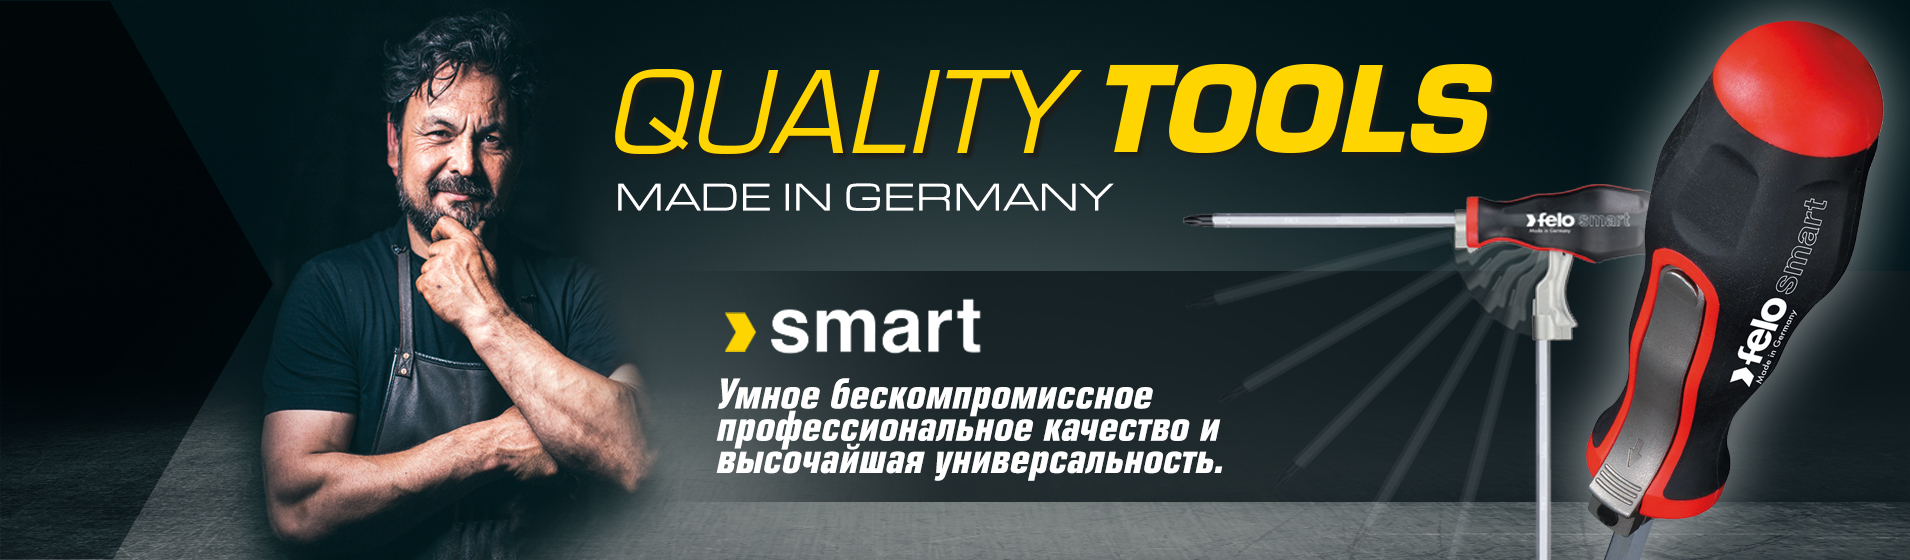 Smart отвертки со сменными лезвиями: безупречное профессиональное качество и высочайшая универсальность